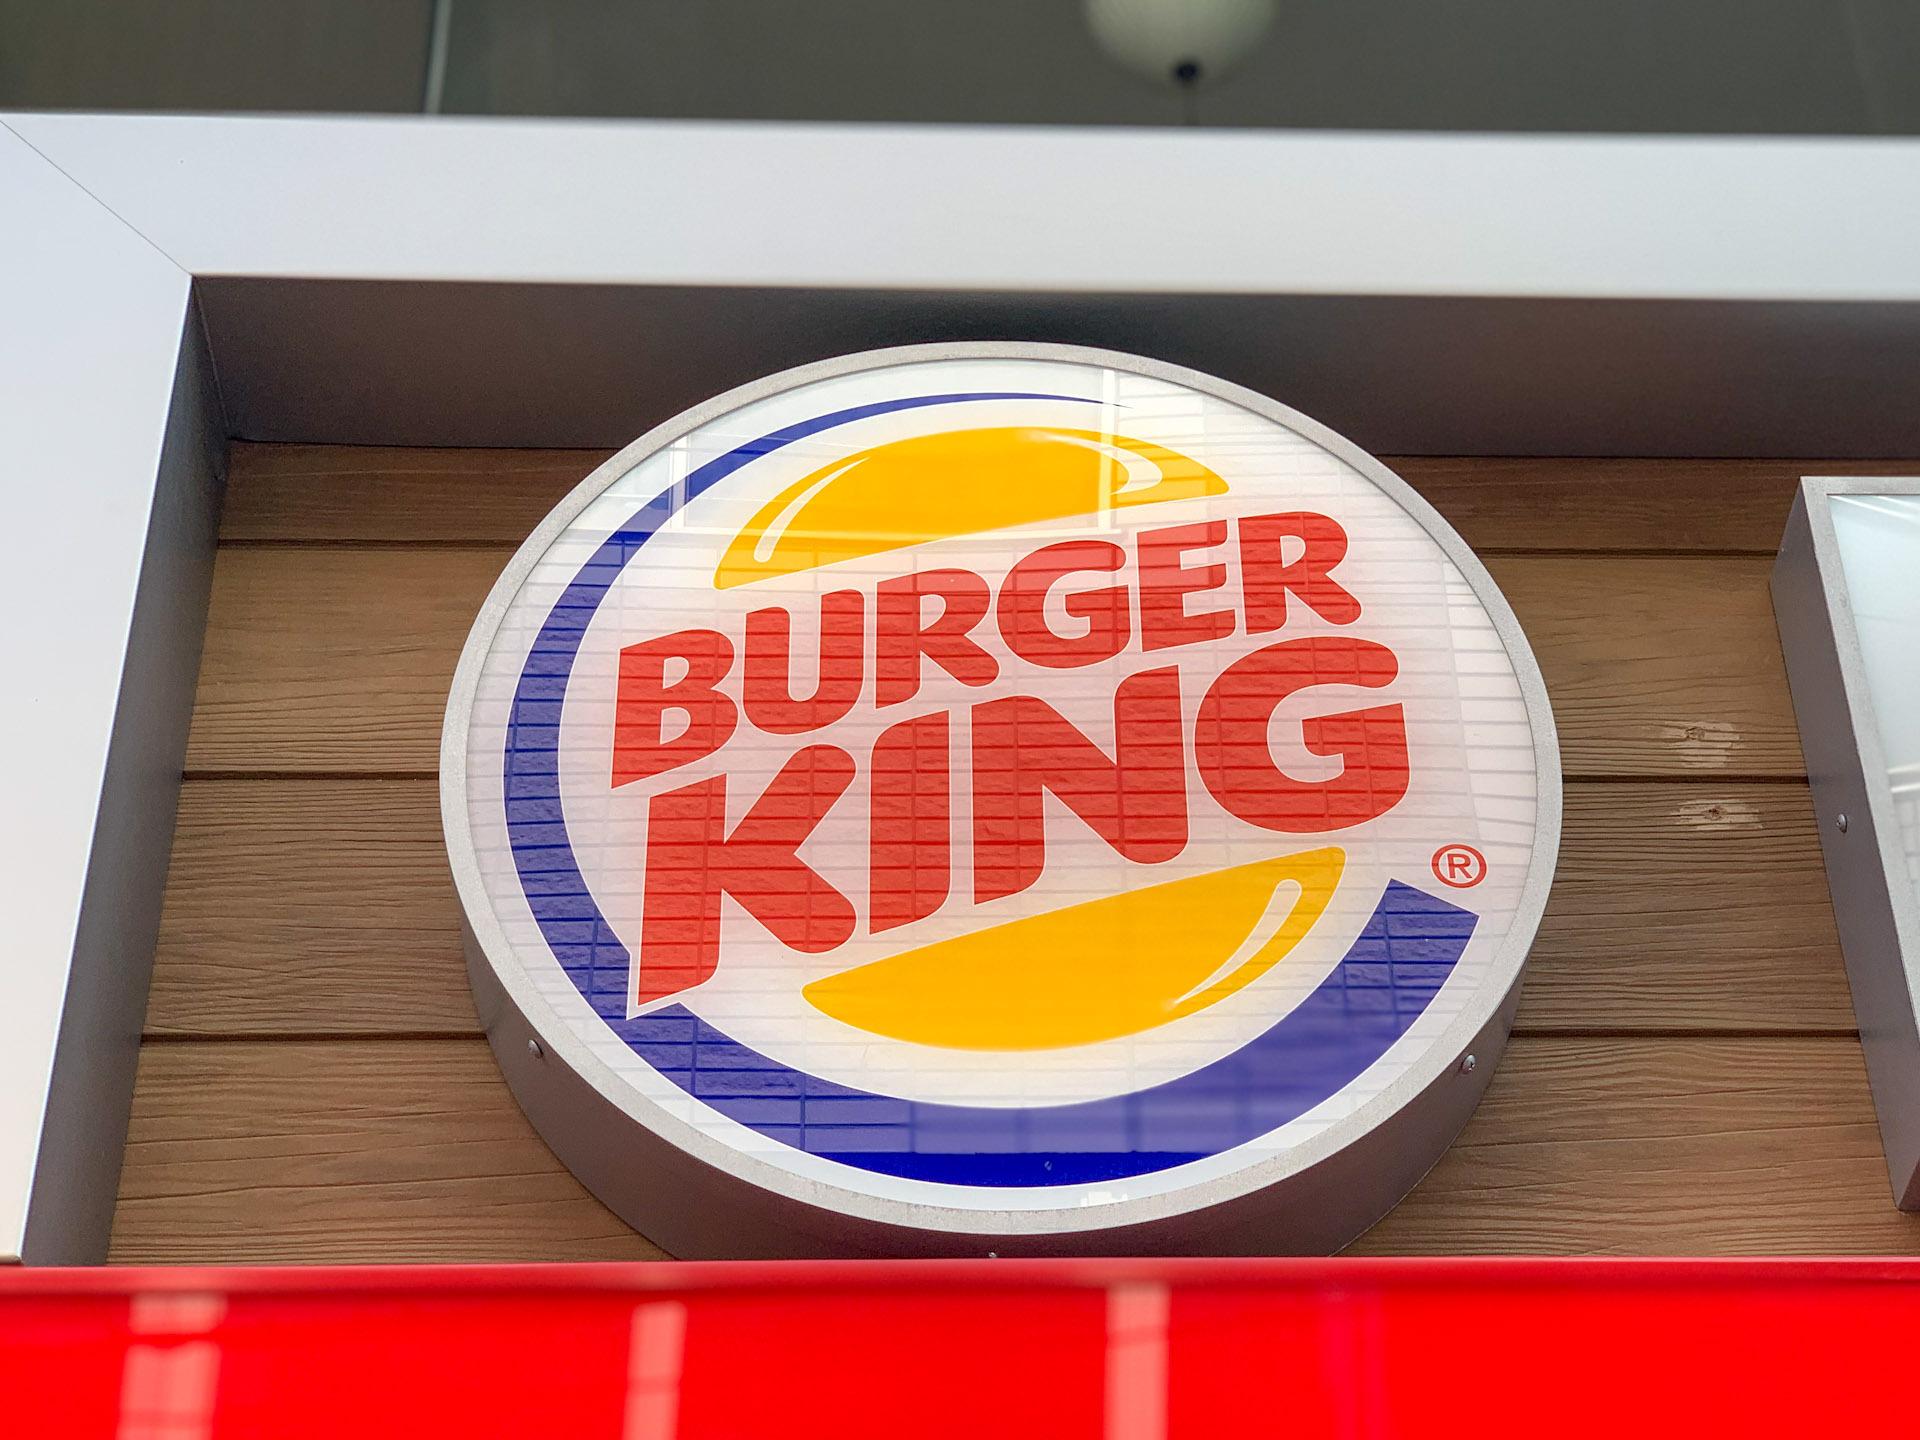 大阪 バーガー キング リノアス八尾【開店12月:バーガーキング】八尾市光町にオープン!